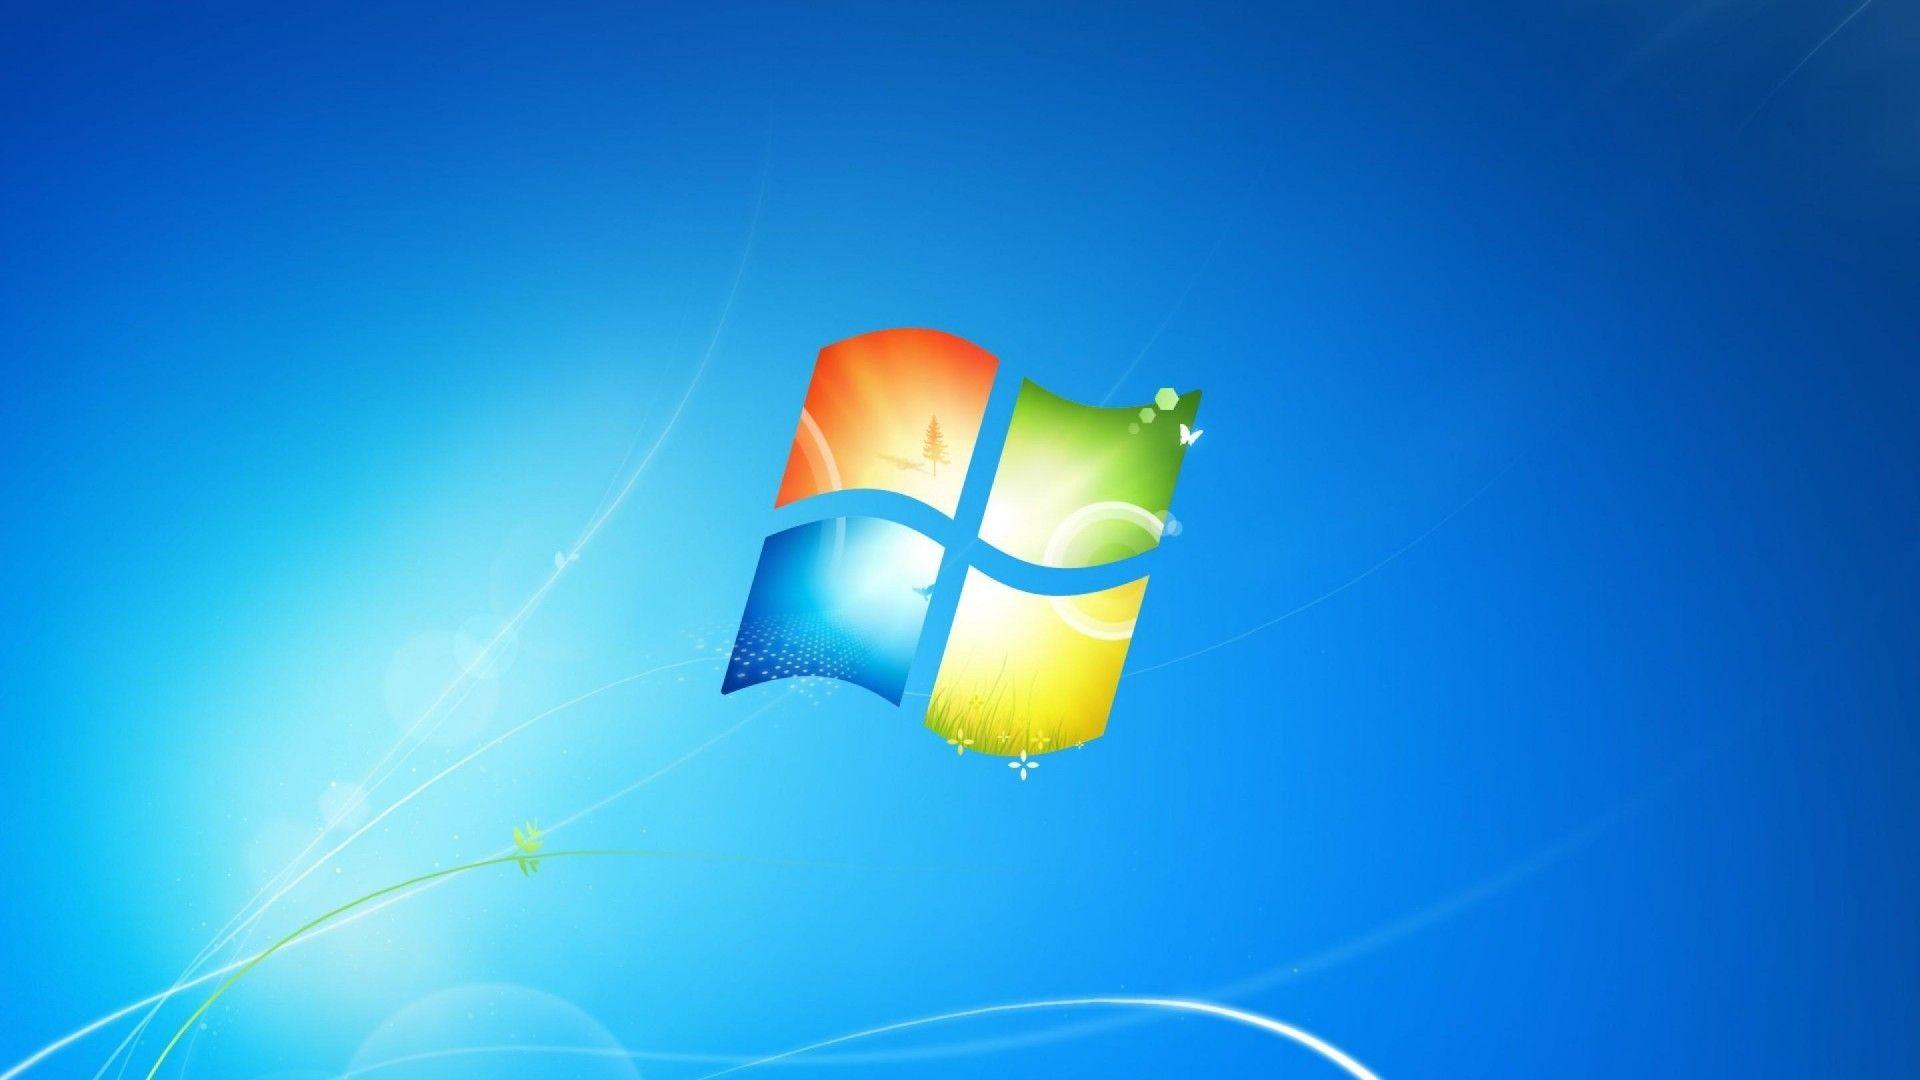 Windows 7 Official Wallpaper Hd Www Fix Computers 4k 2020 Microsoft Isletim Sistemi Microsoft Windows